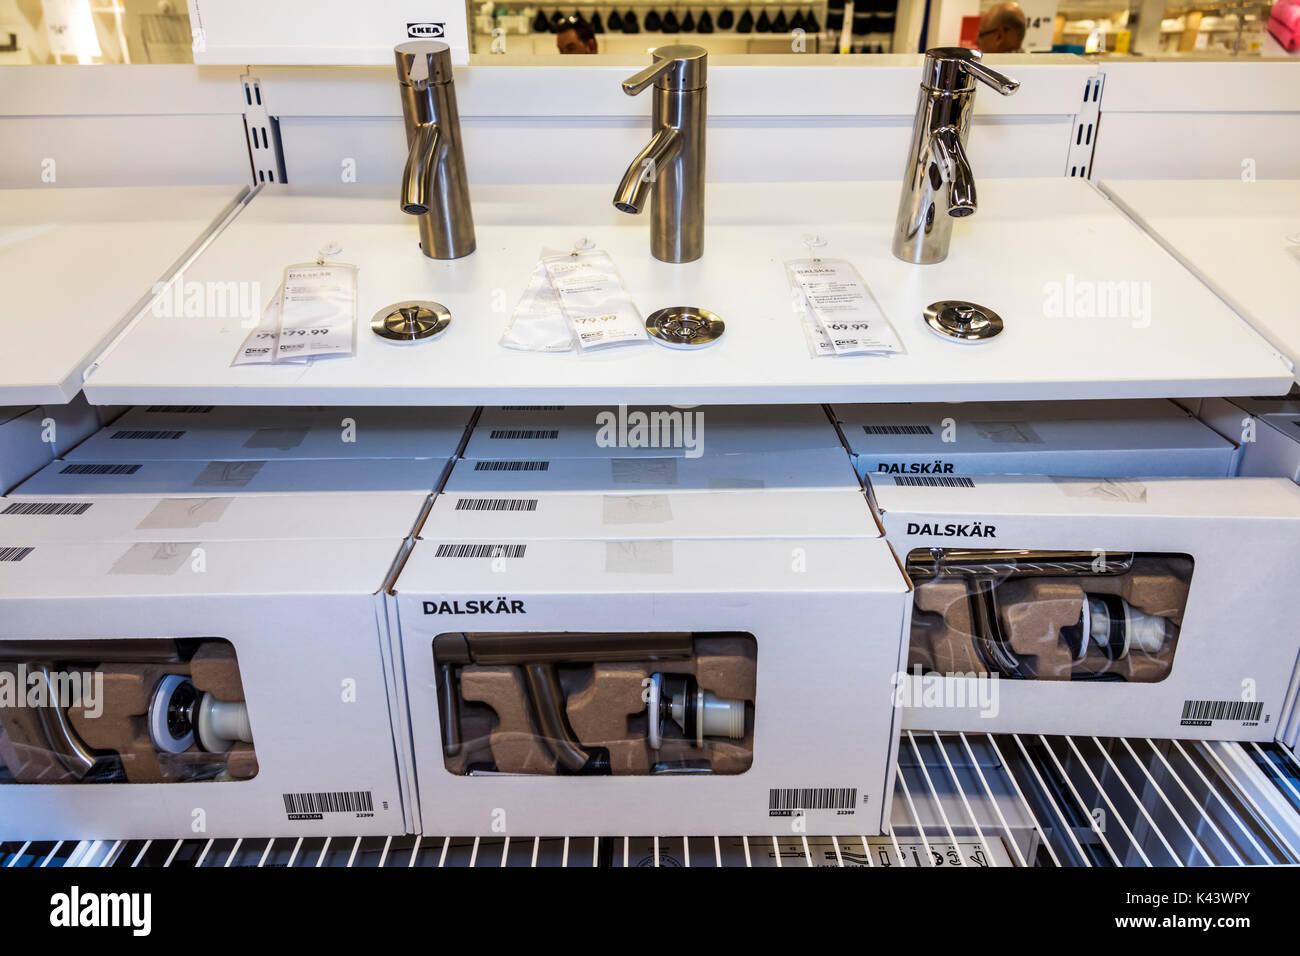 Miami florida ikea bagno rubinetto display dalskar vendita nuovo